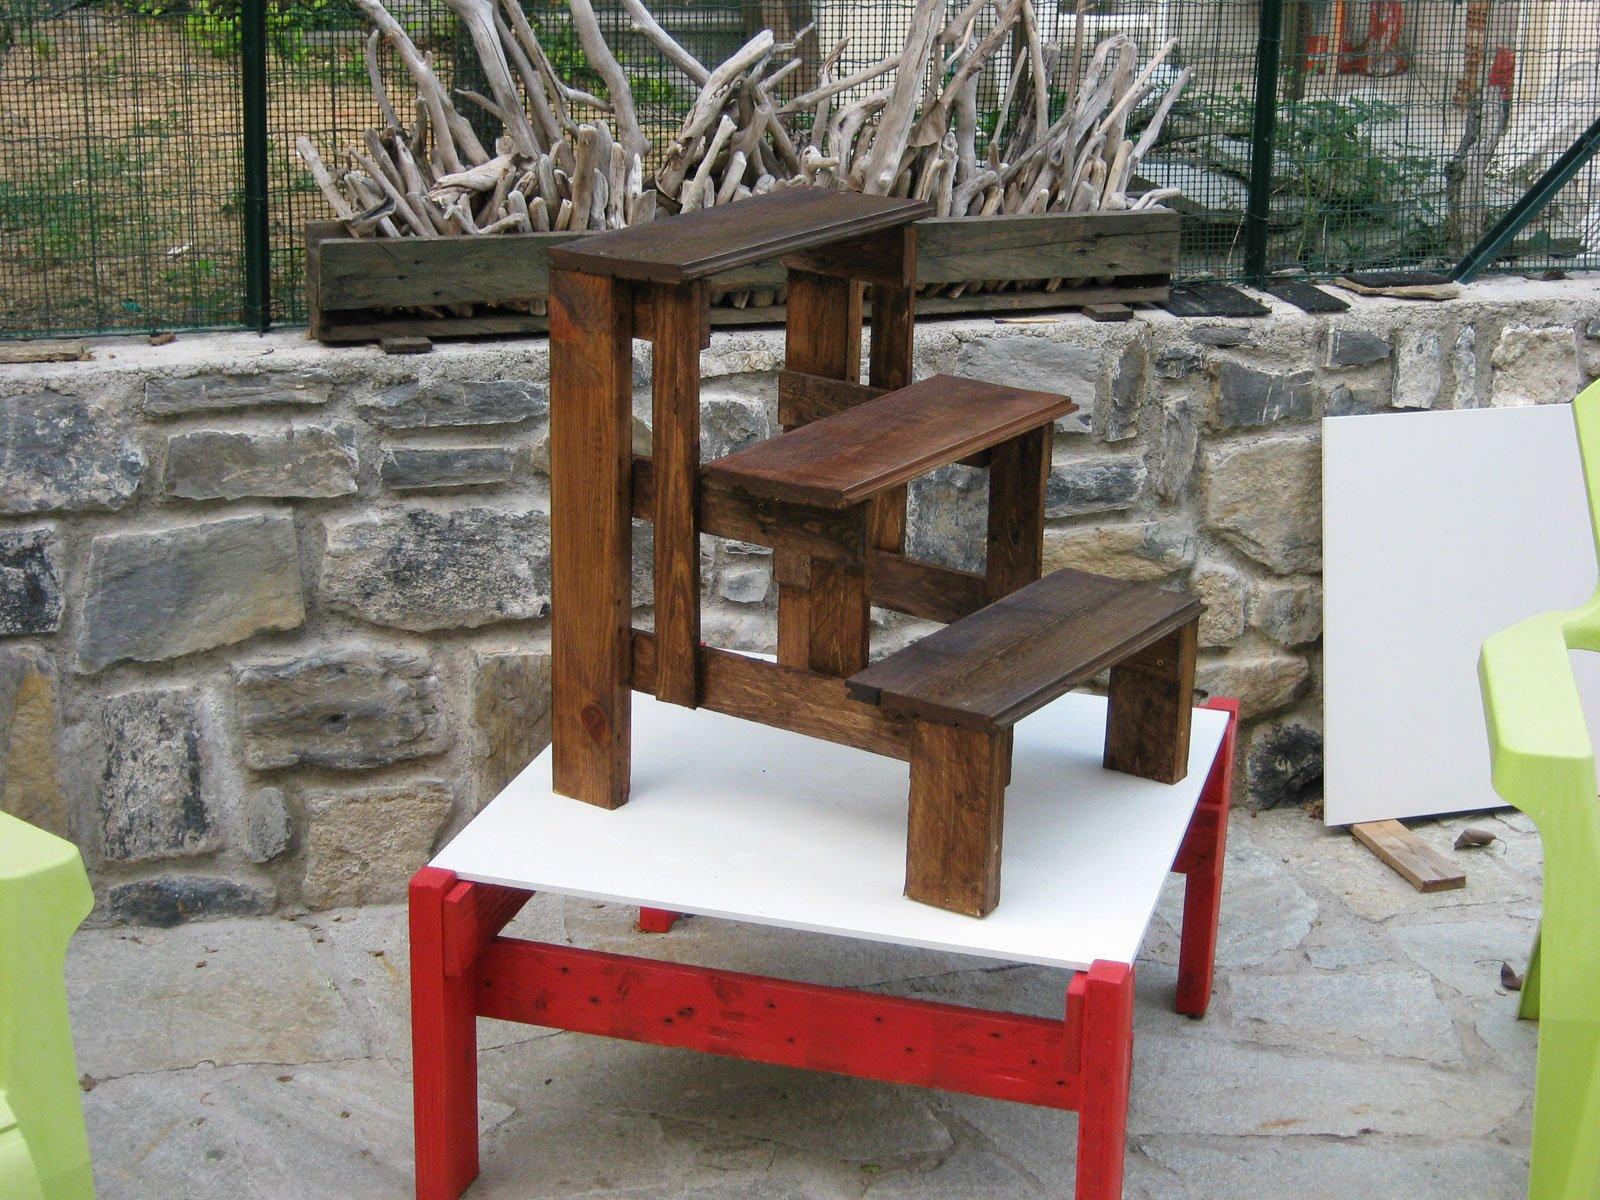 Legno Idee Fai Da Te legno e ceramica di recupero: idee d'arredo fai da te - cose